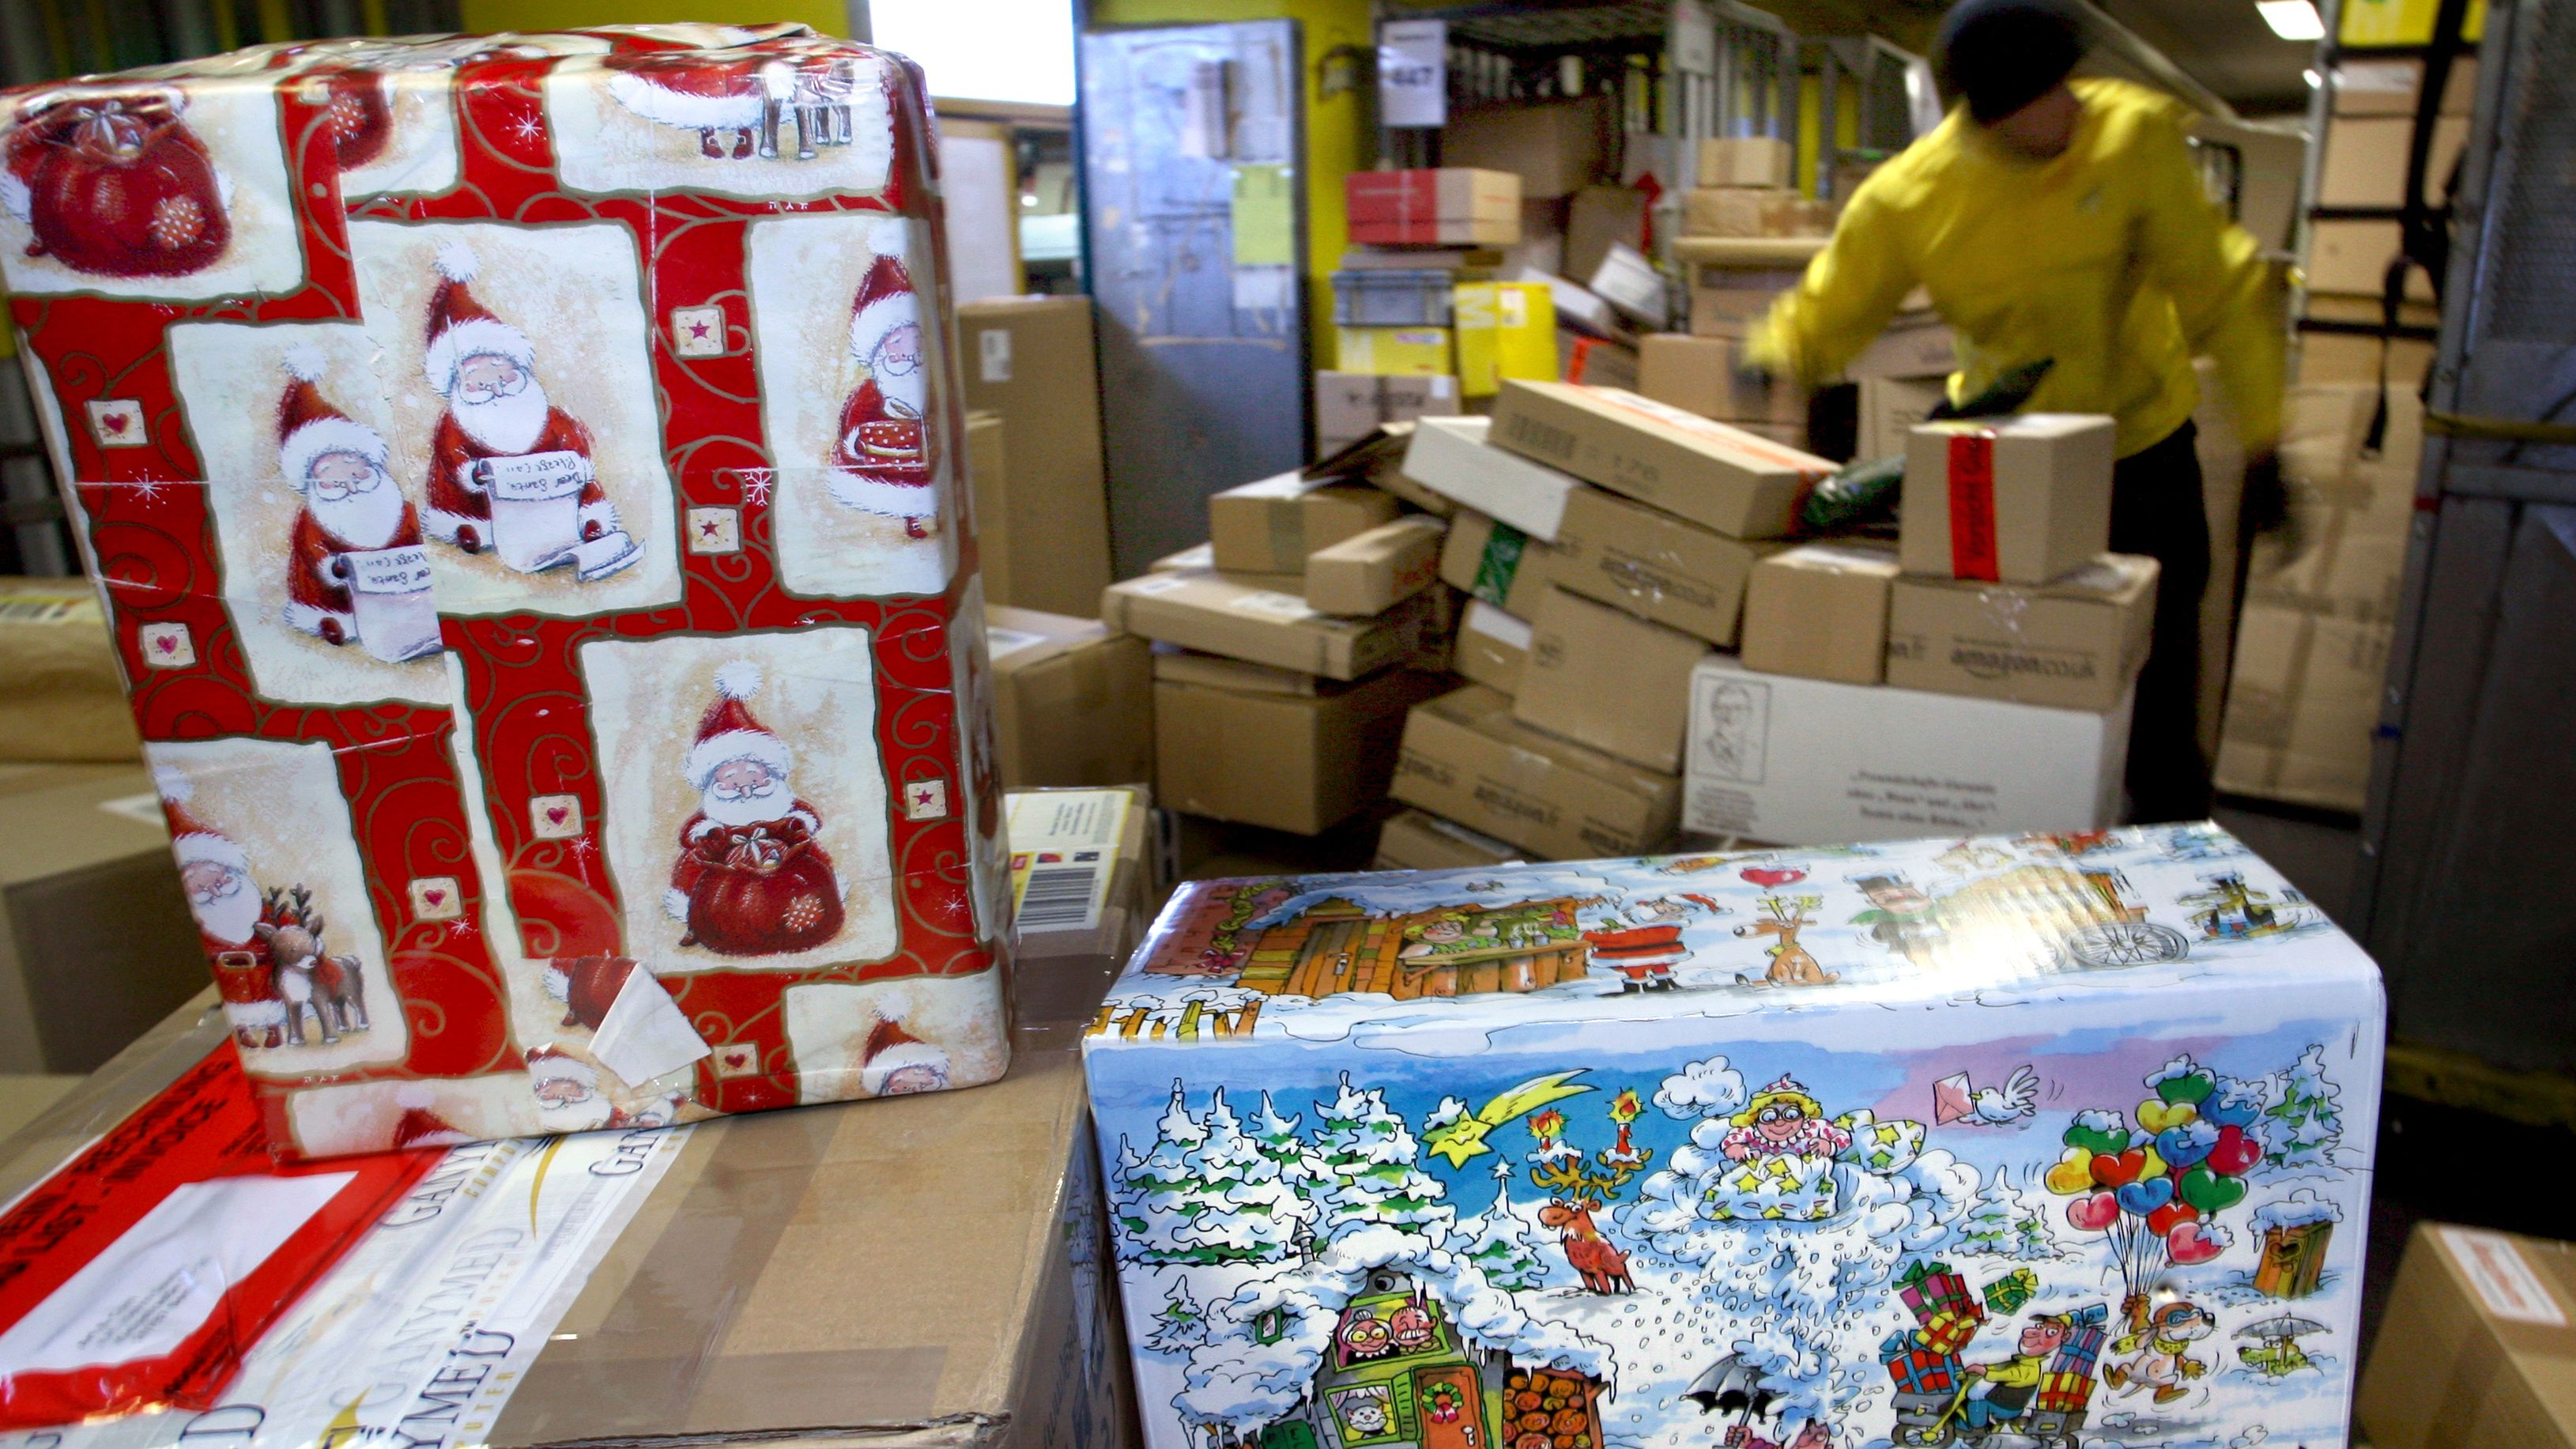 Archivbild: Weihnachtlich verpackt sind zum Teil die Pakete, die im Paketzentrum des Paketdienstes DHL sortiert werden